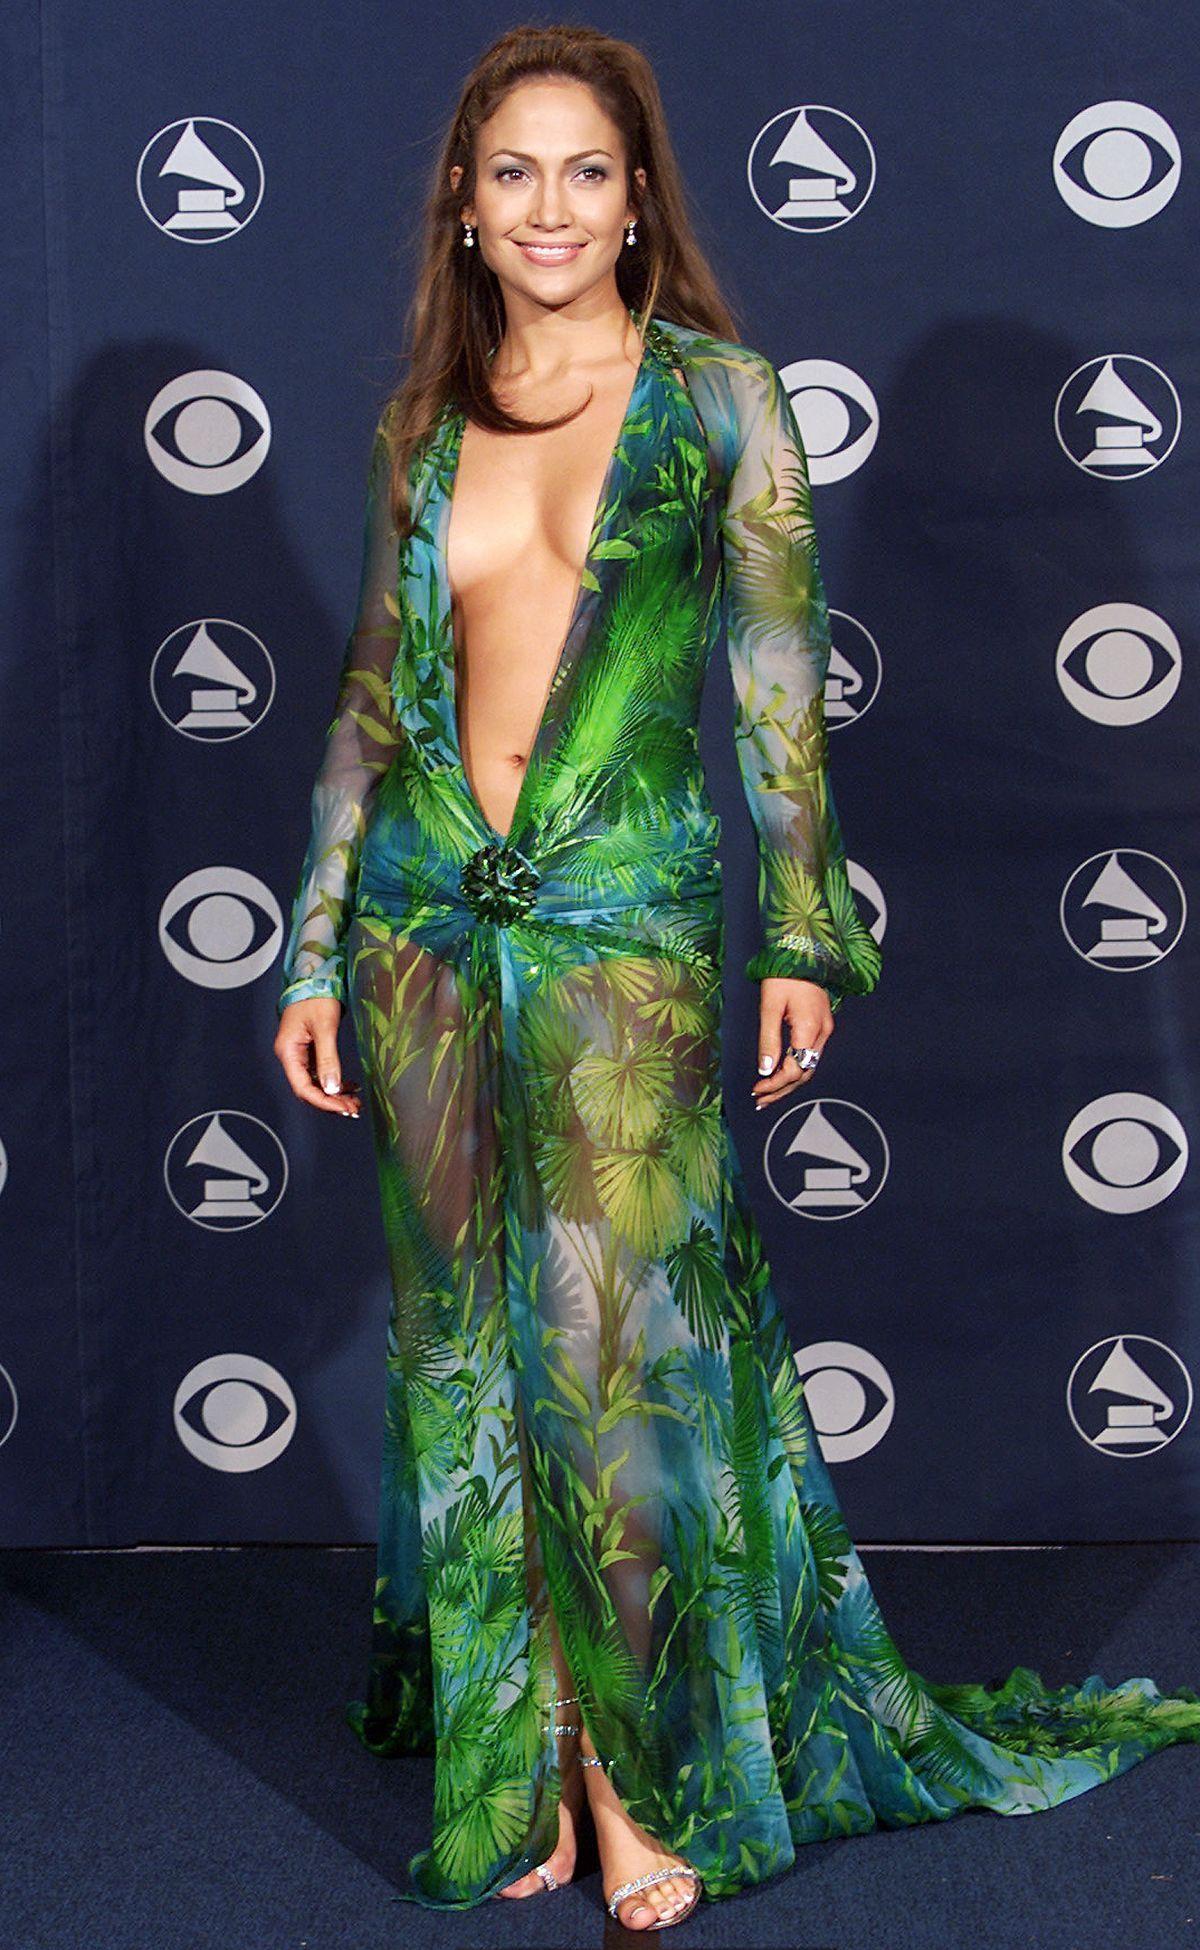 Jennifer Lopez Naked Green Versace Dress On The Red Carpet